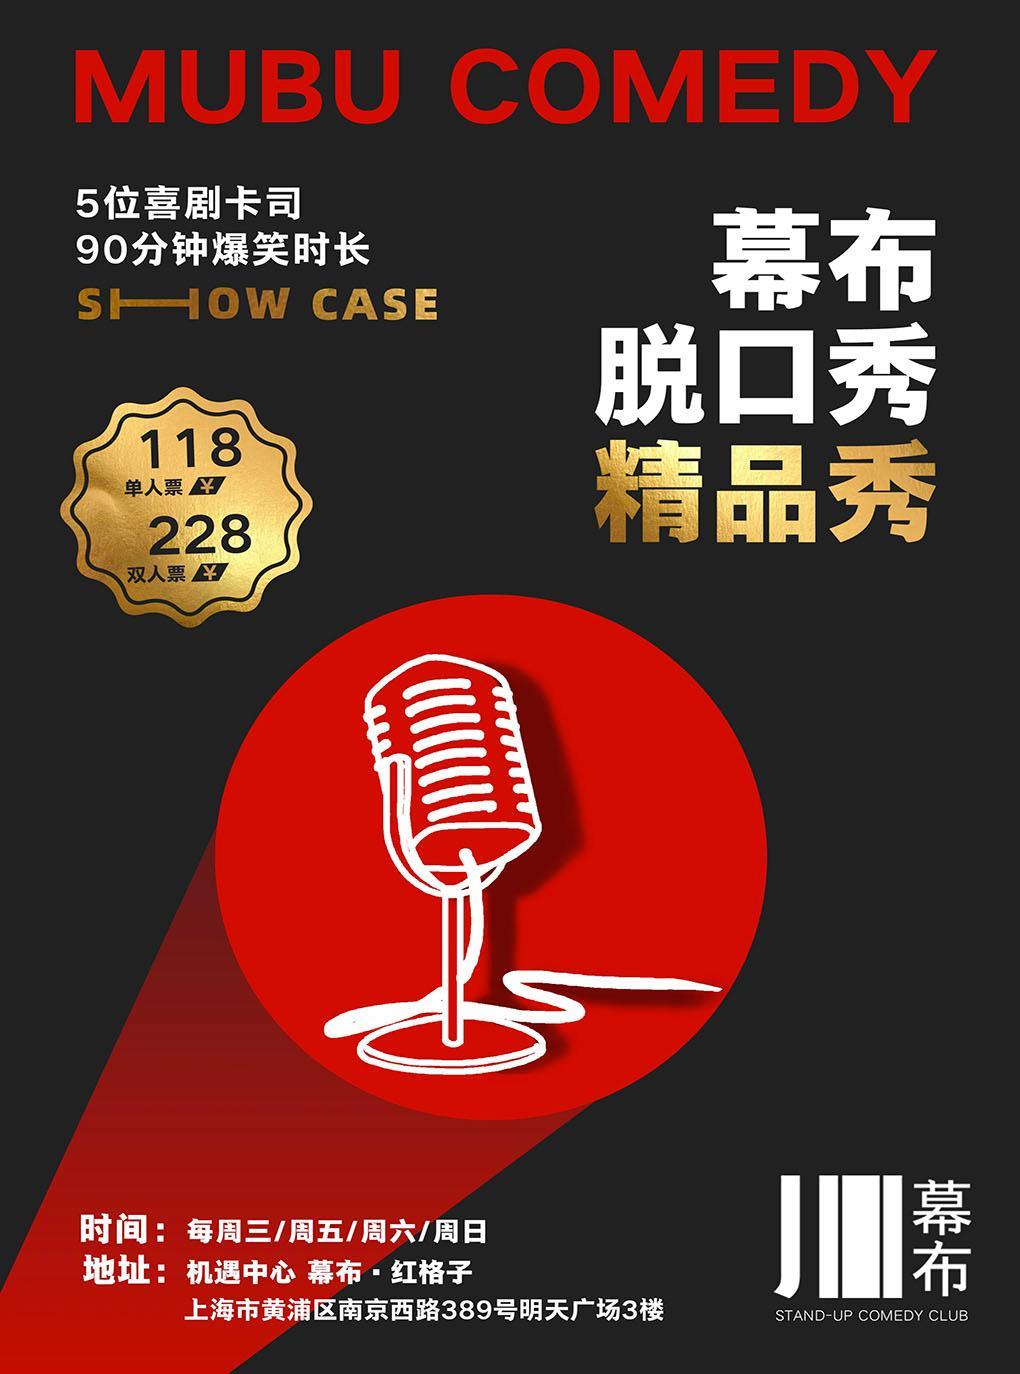 【幕布】周三/周/周/周精品秀—人民广场